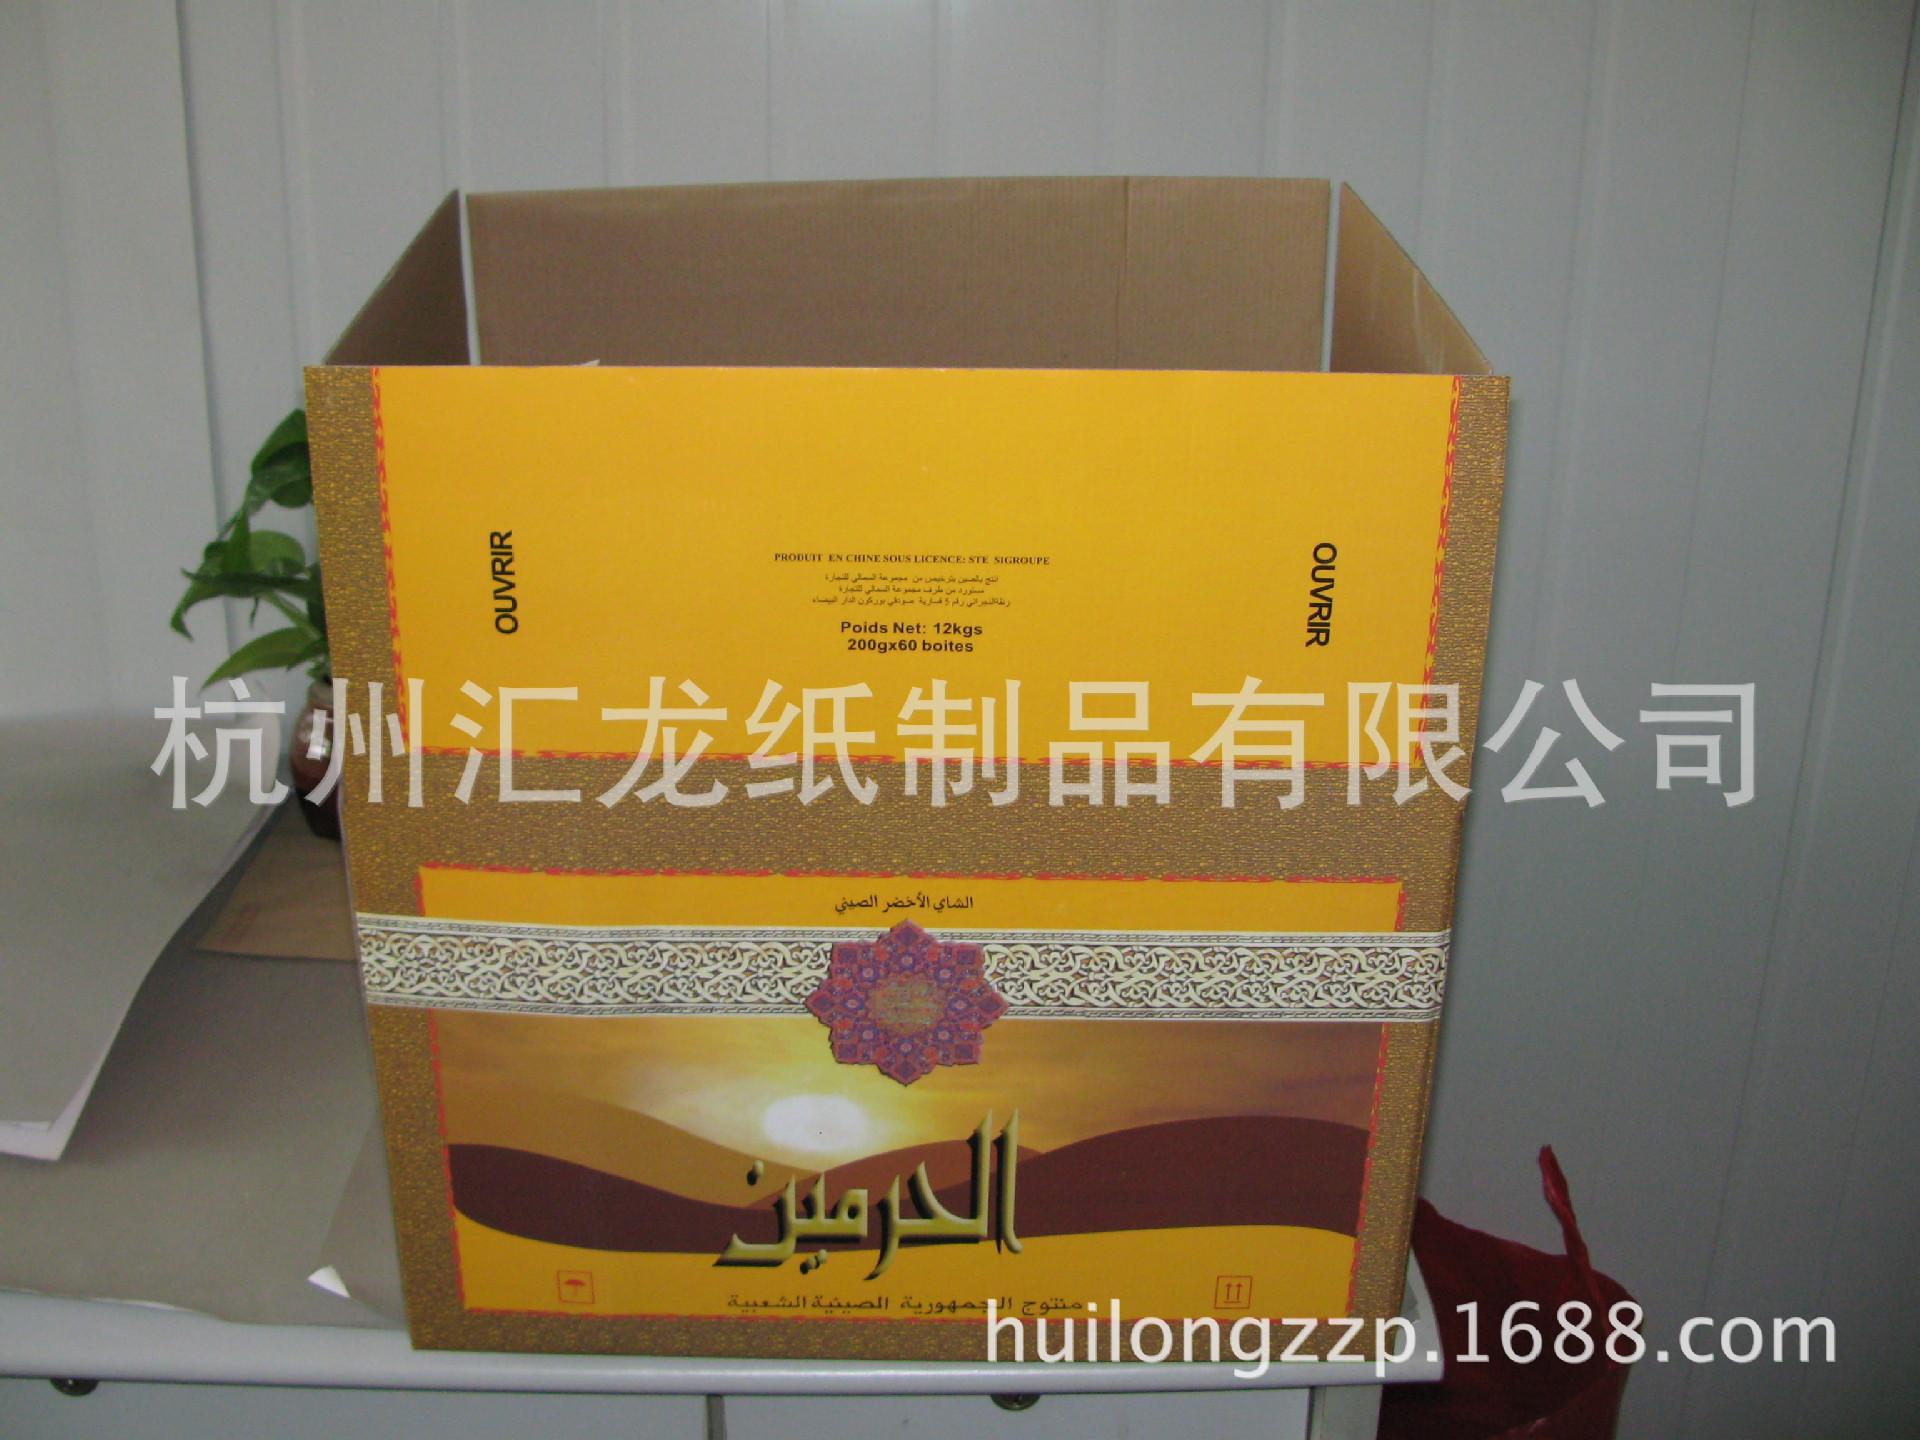 【双E瓦 彩印瓦楞纸箱 纸盒 通用包装】